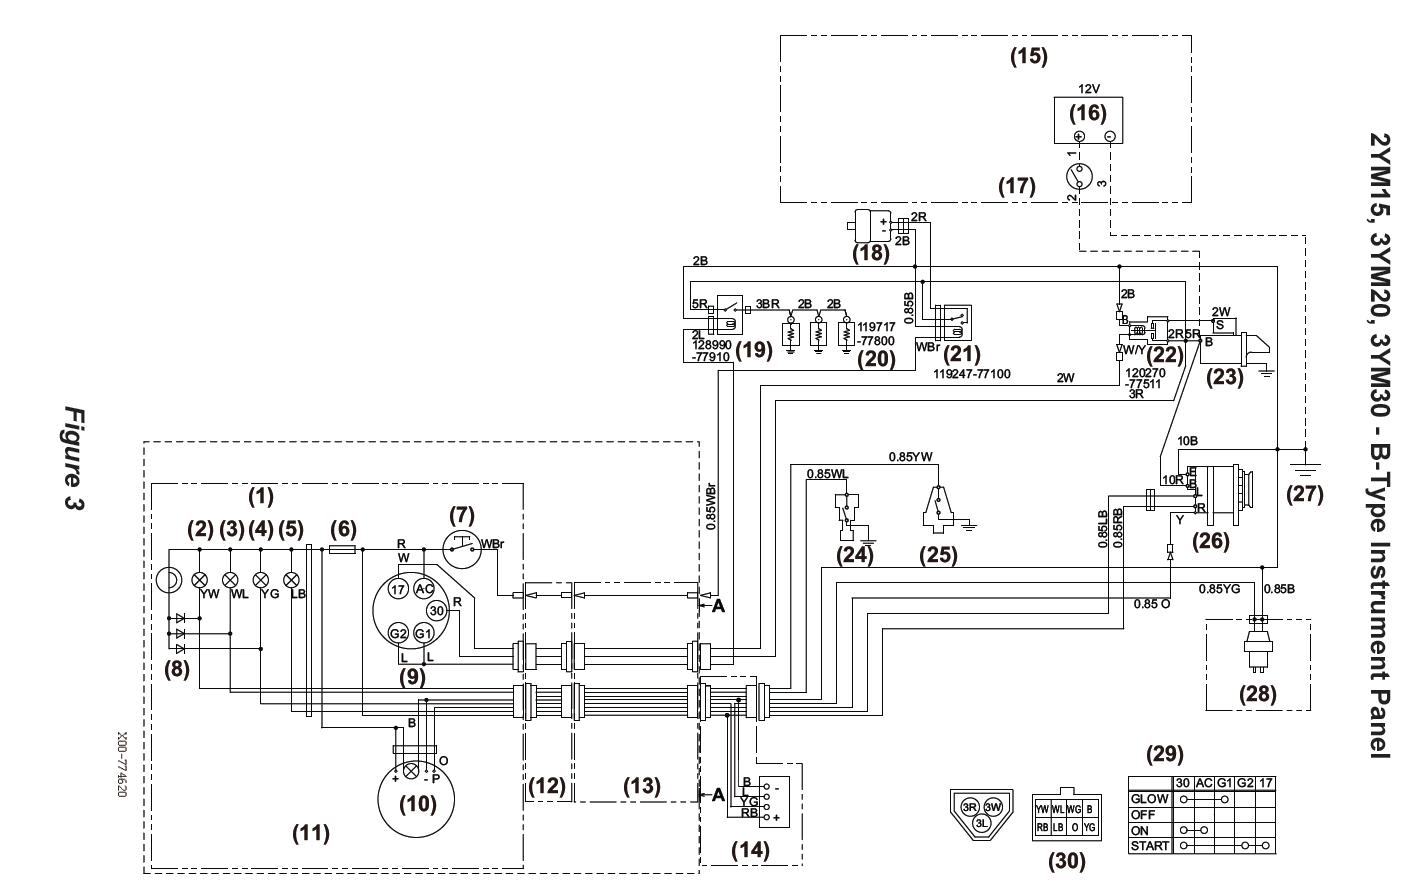 yanmar marine engine wiring diagram wiring diagram and yanmar diesel generator wiring diagram John Deere Yanmar Diesel Engines